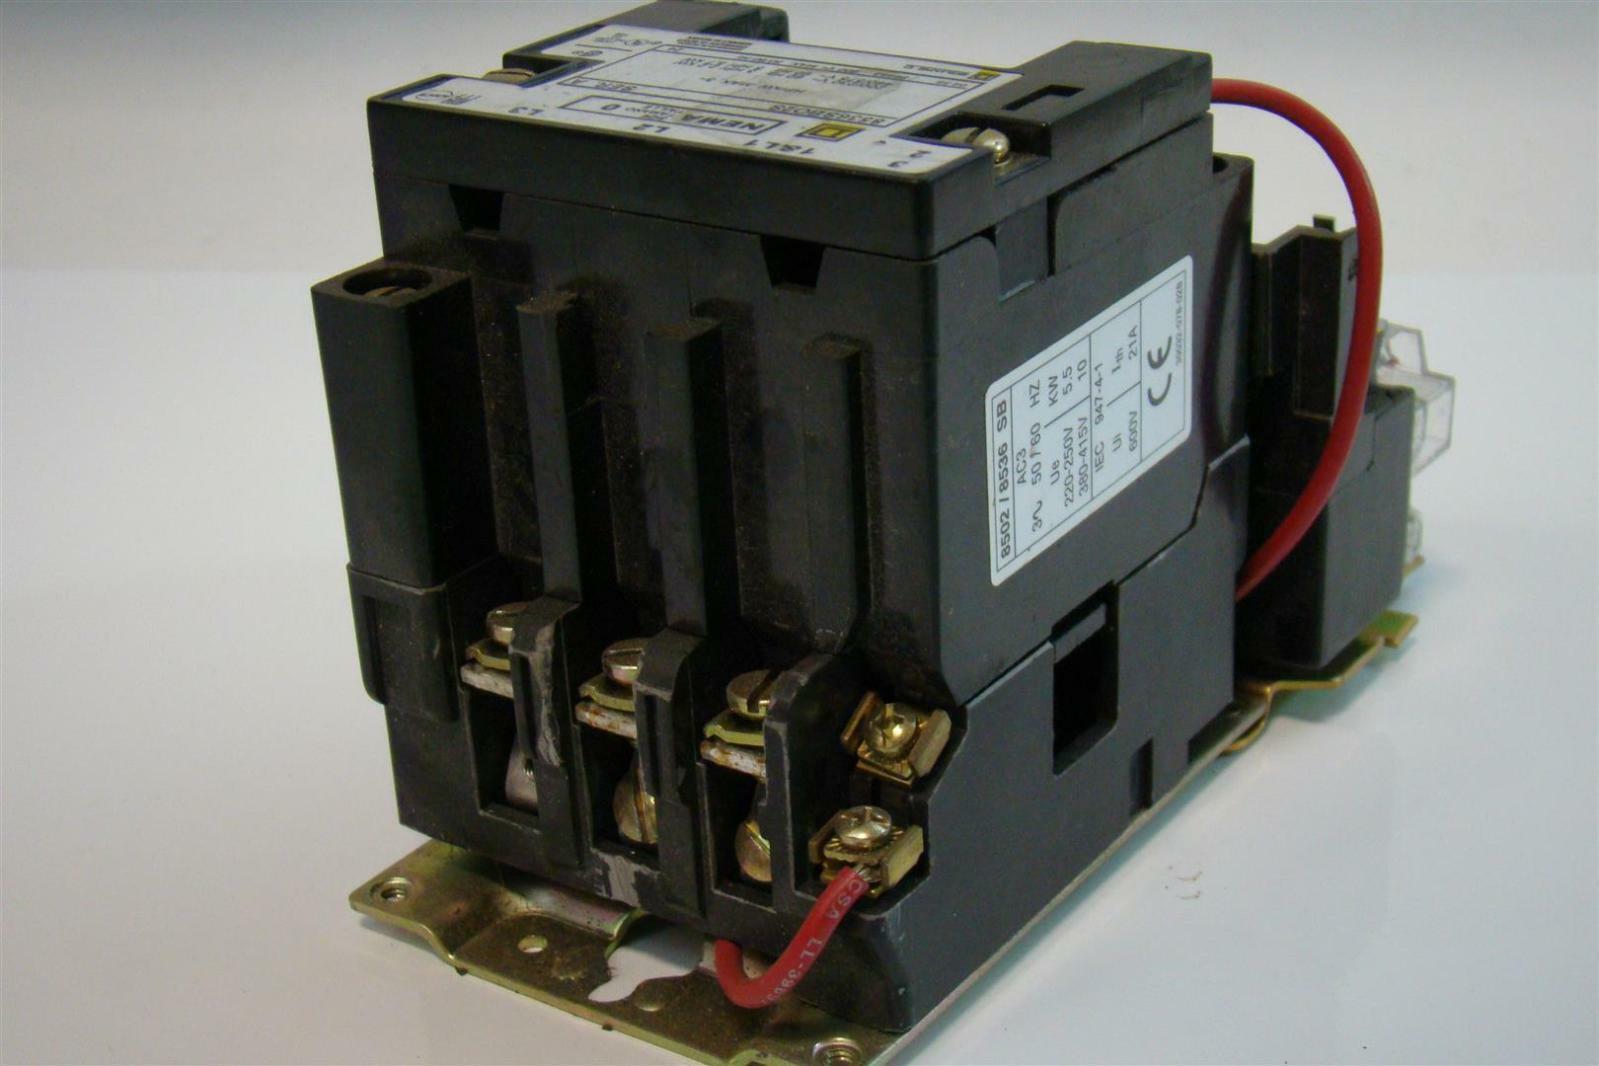 Square D Motor Starter Size 0 3 5hp 8502 8536 Sb 608536sbo2s